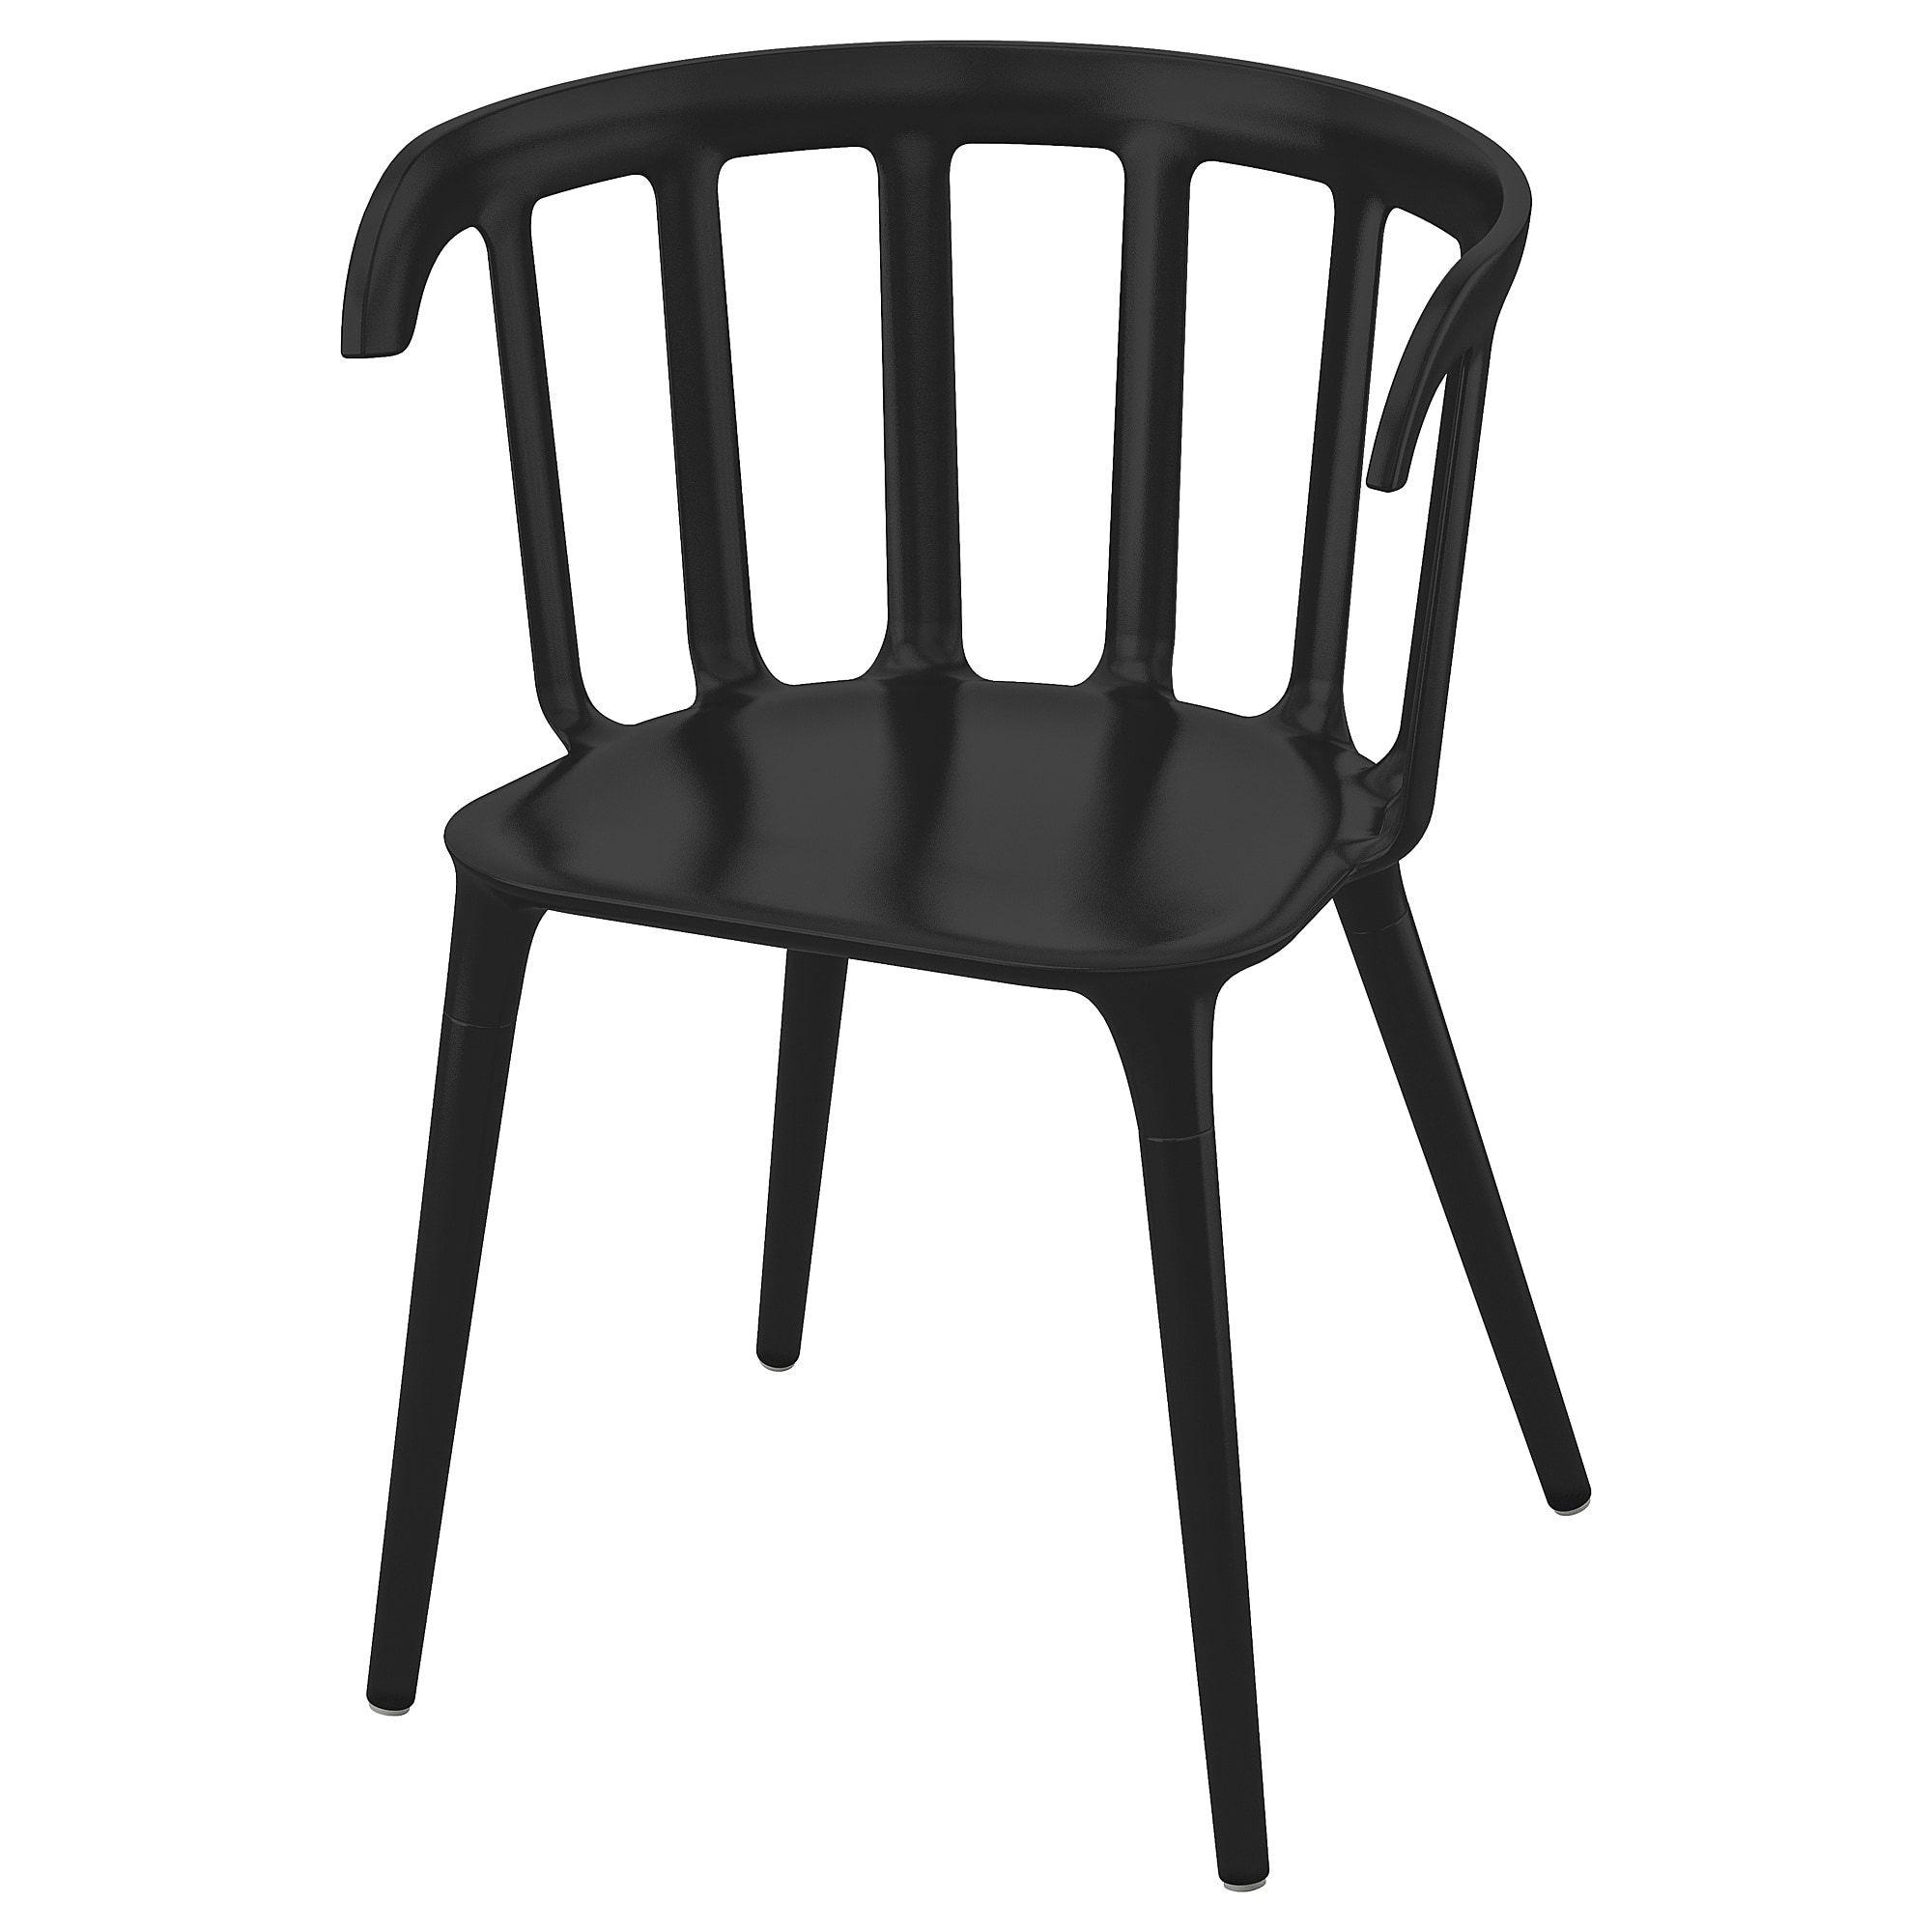 IKEA PS 2012 Armleunstoel, zwart IKEA i 2020 | Köksstolar